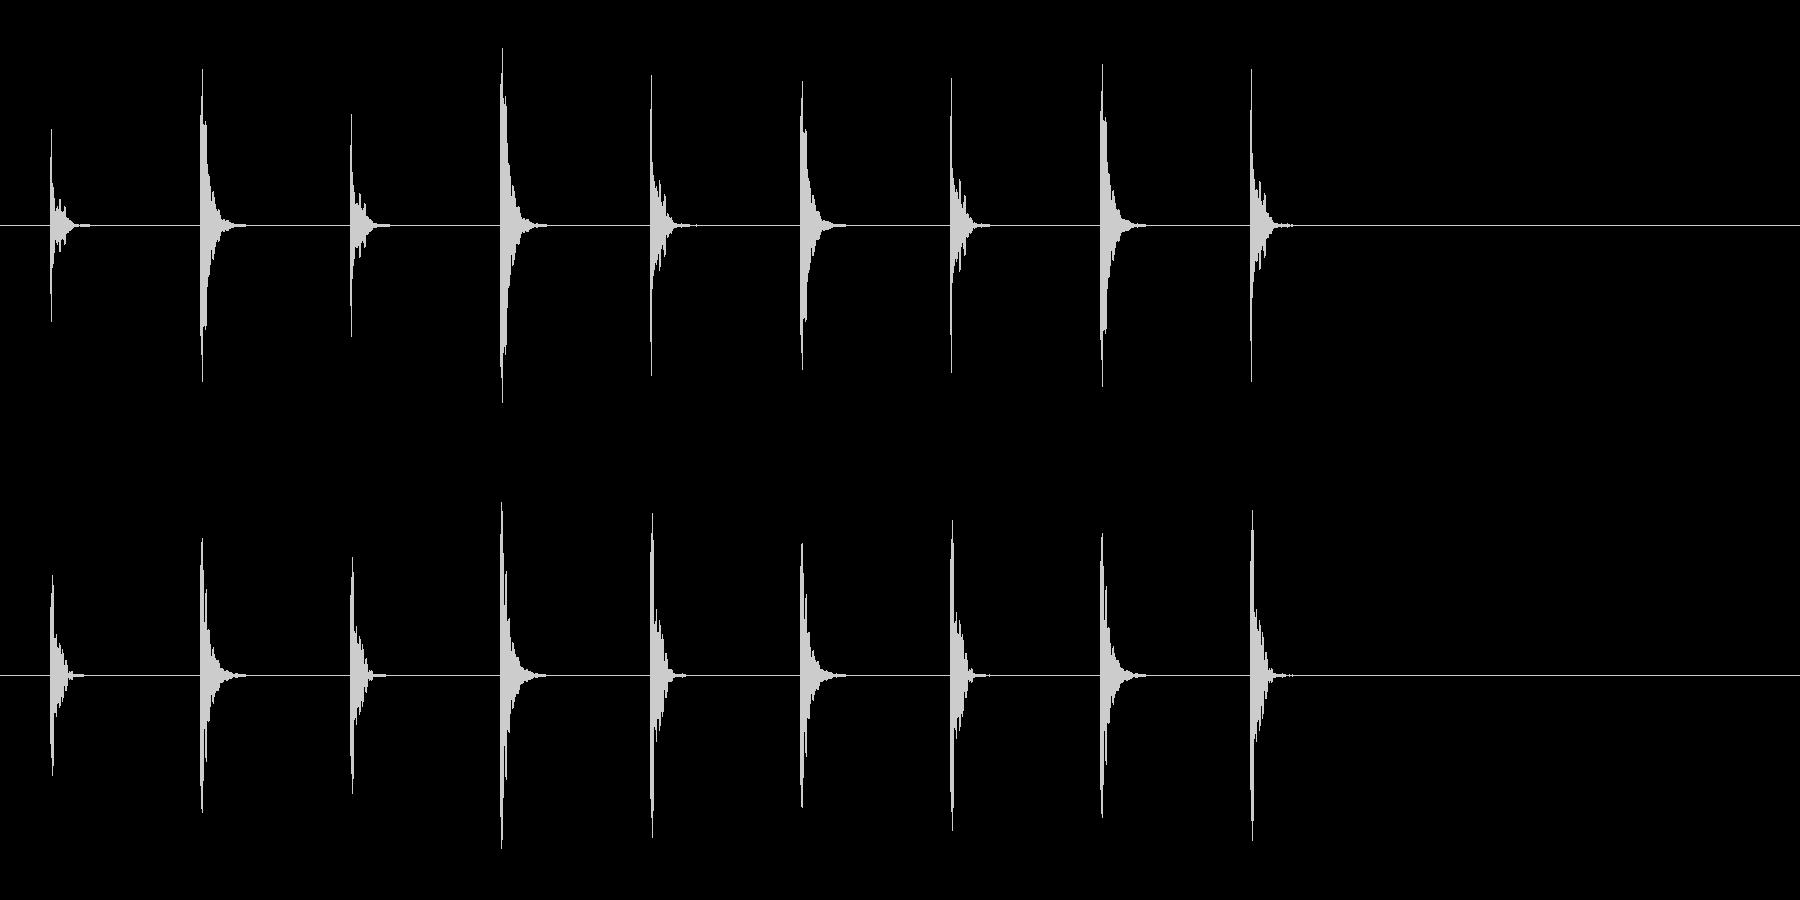 歌舞伎・能◆シンキングタイム 小鼓 小太の未再生の波形